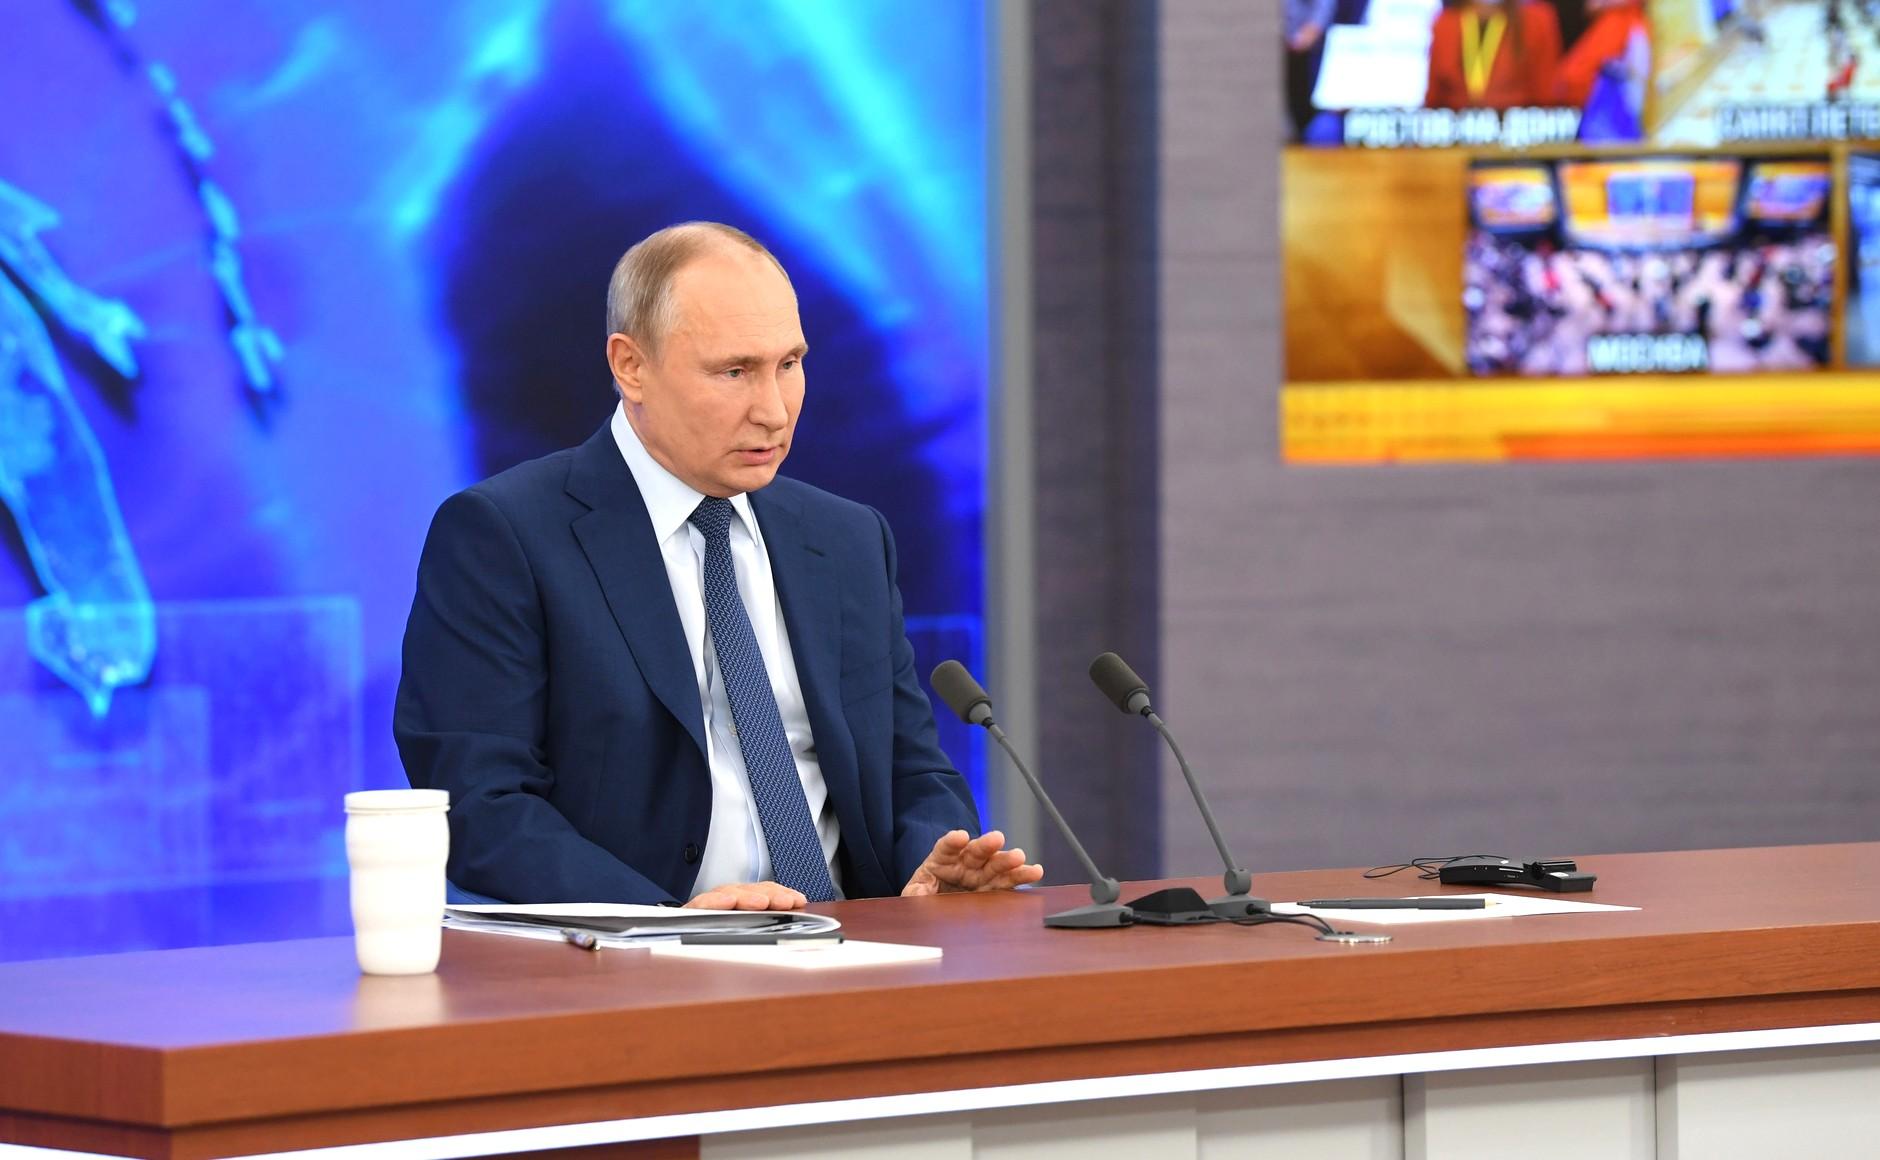 RUSSIE 17.12.2020.CONFERENCE 9 XX 66 Avant le début de la conférence de presse annuelle de Vladimir Poutine.